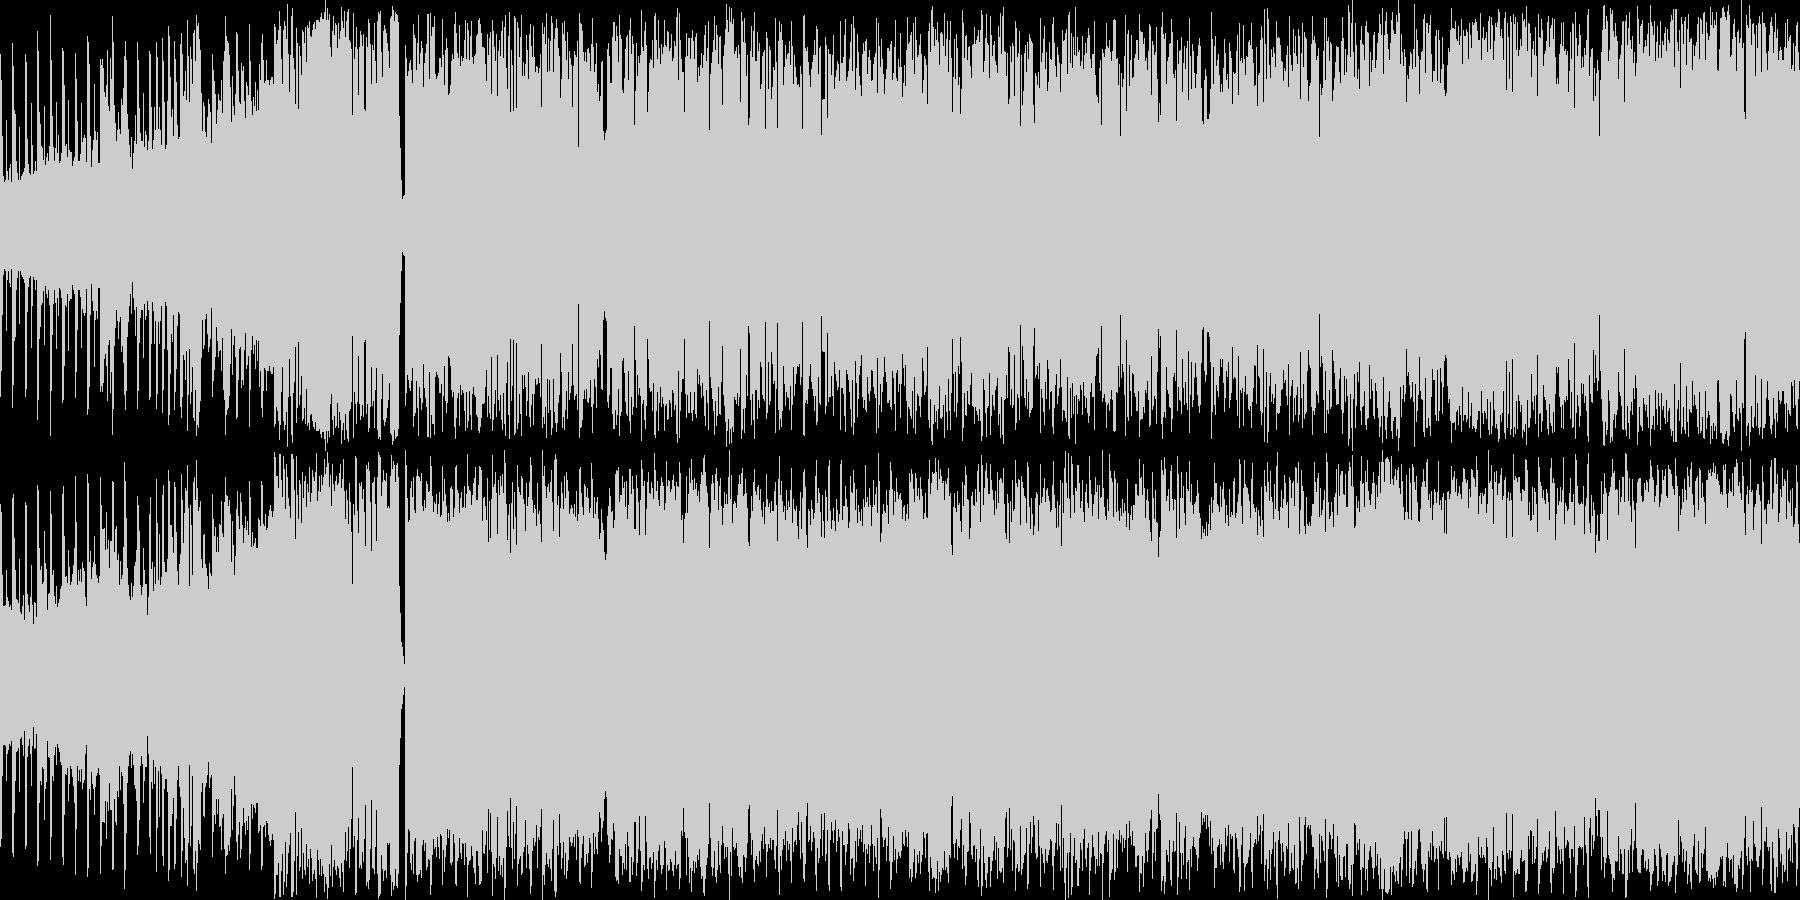 オーケストラとEDMを混ぜたBGMの未再生の波形